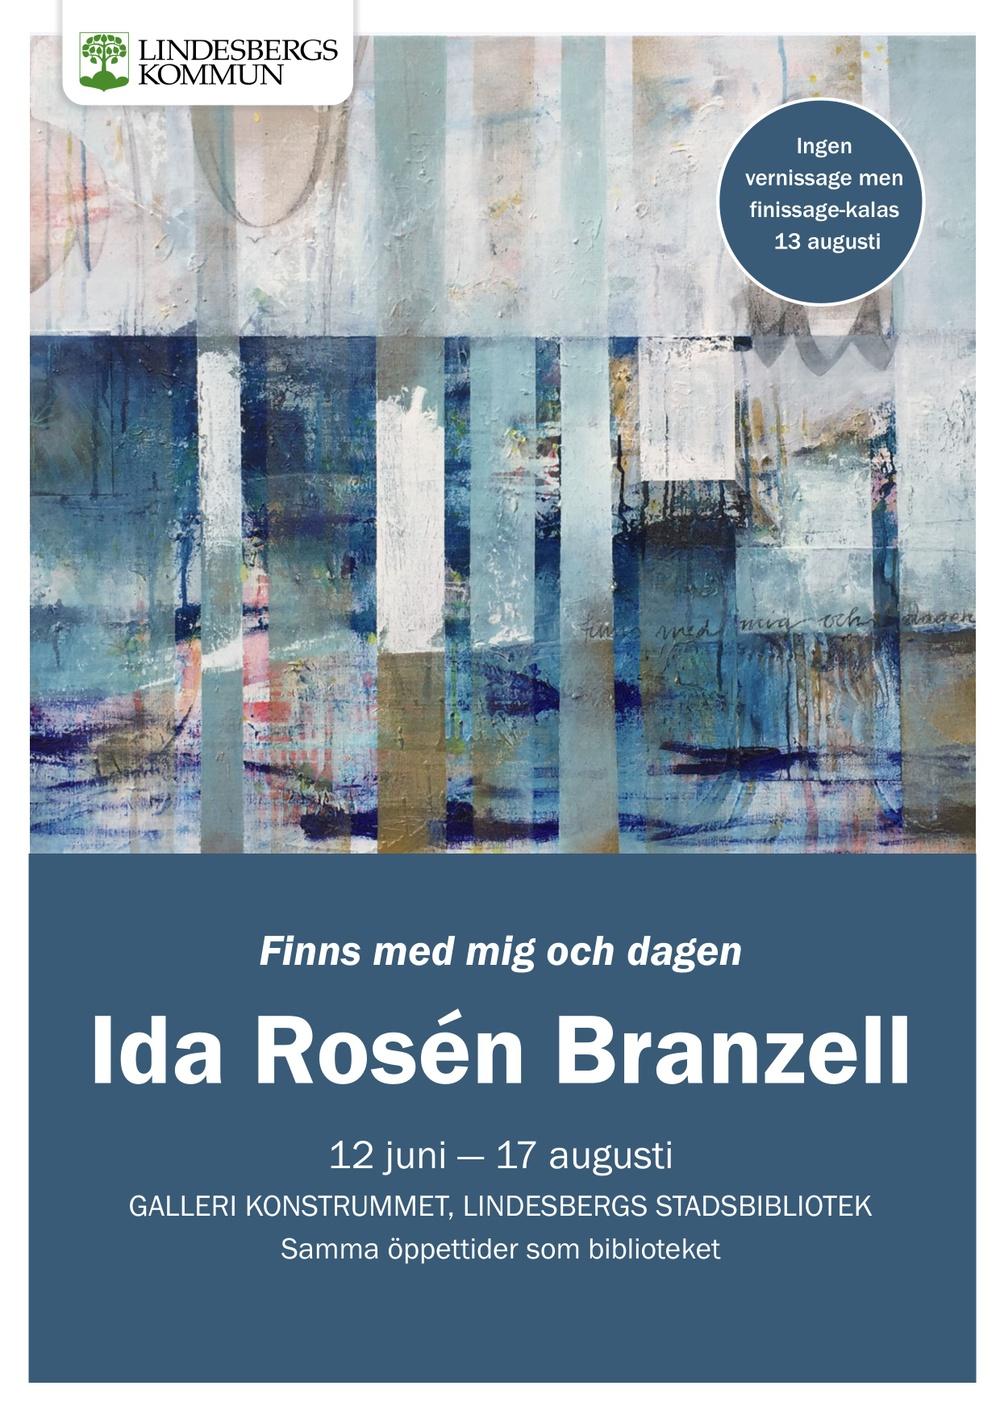 Affisch för utställningen Finns med mig och dagen. Utställningen pågår 12 juni - 17 augusti i Galleri konstrummet på Lindesbergs Stadsbibliotek.